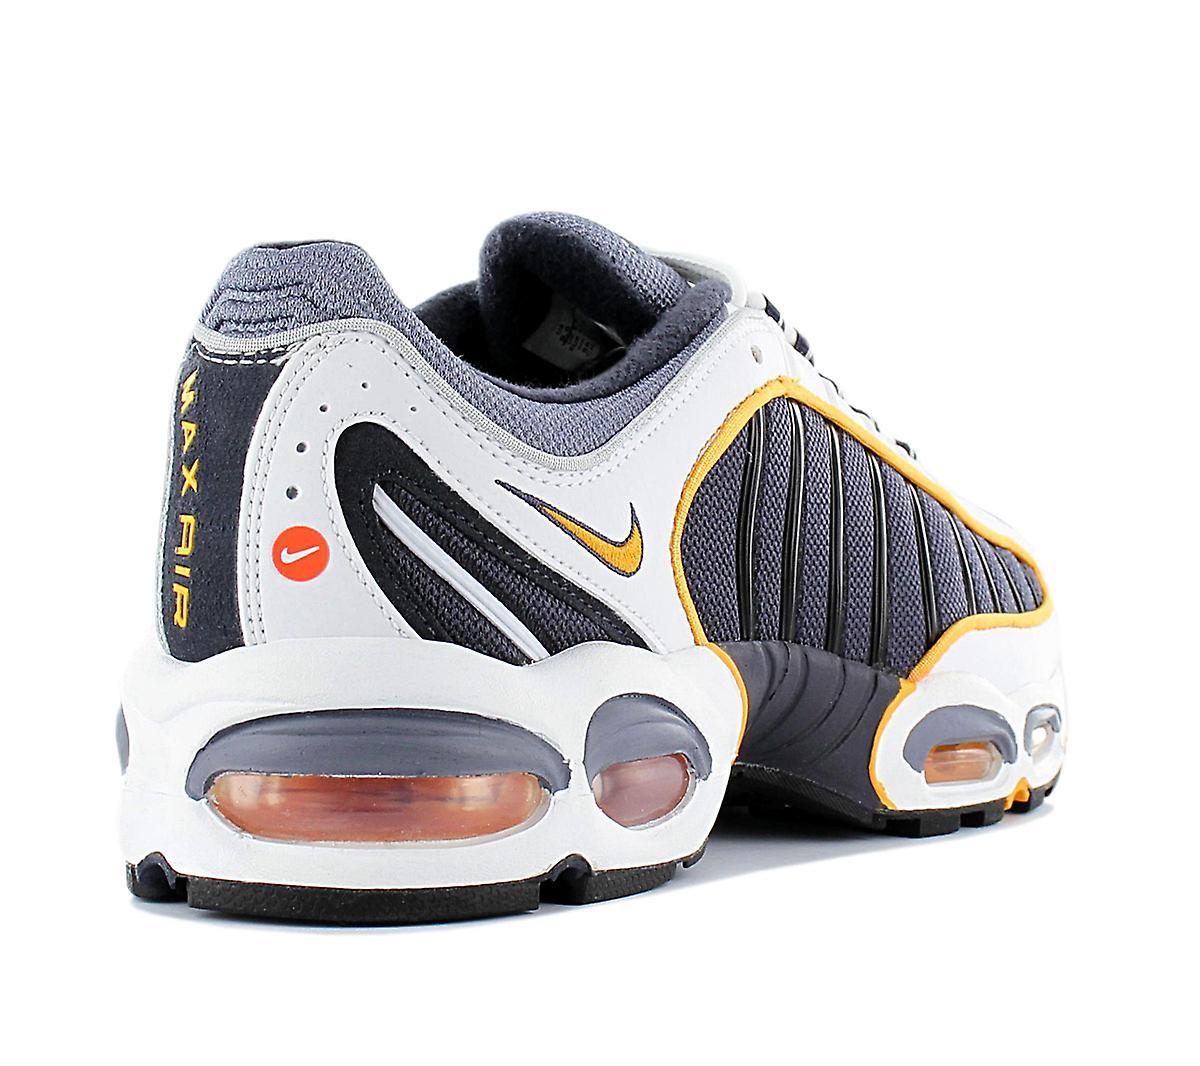 Nike Air Max Tailwind Iv Aq2567-001 Herren Schuhe Mehrfarbig Sneakers Sportschuhe